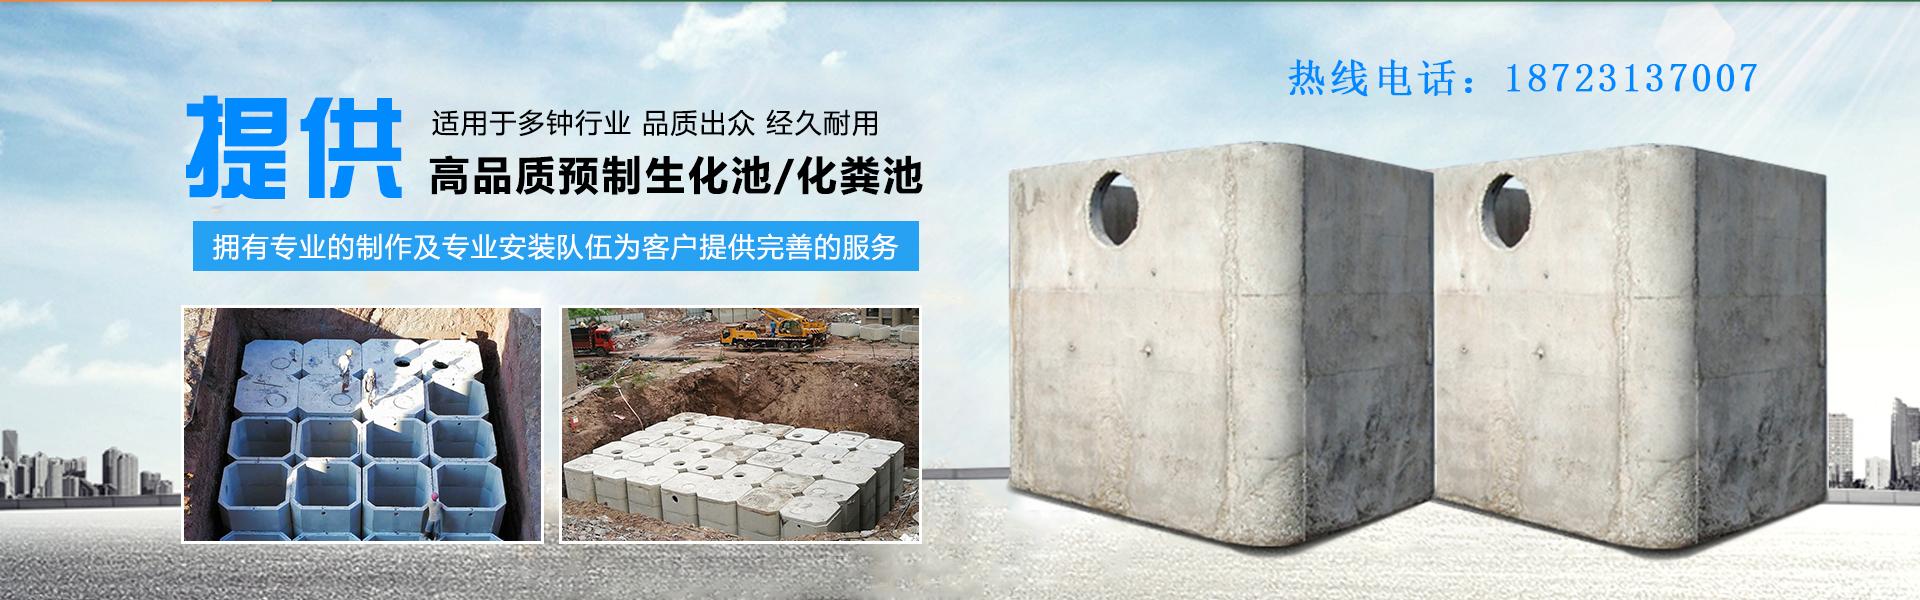 重庆生化池公司:文元环保